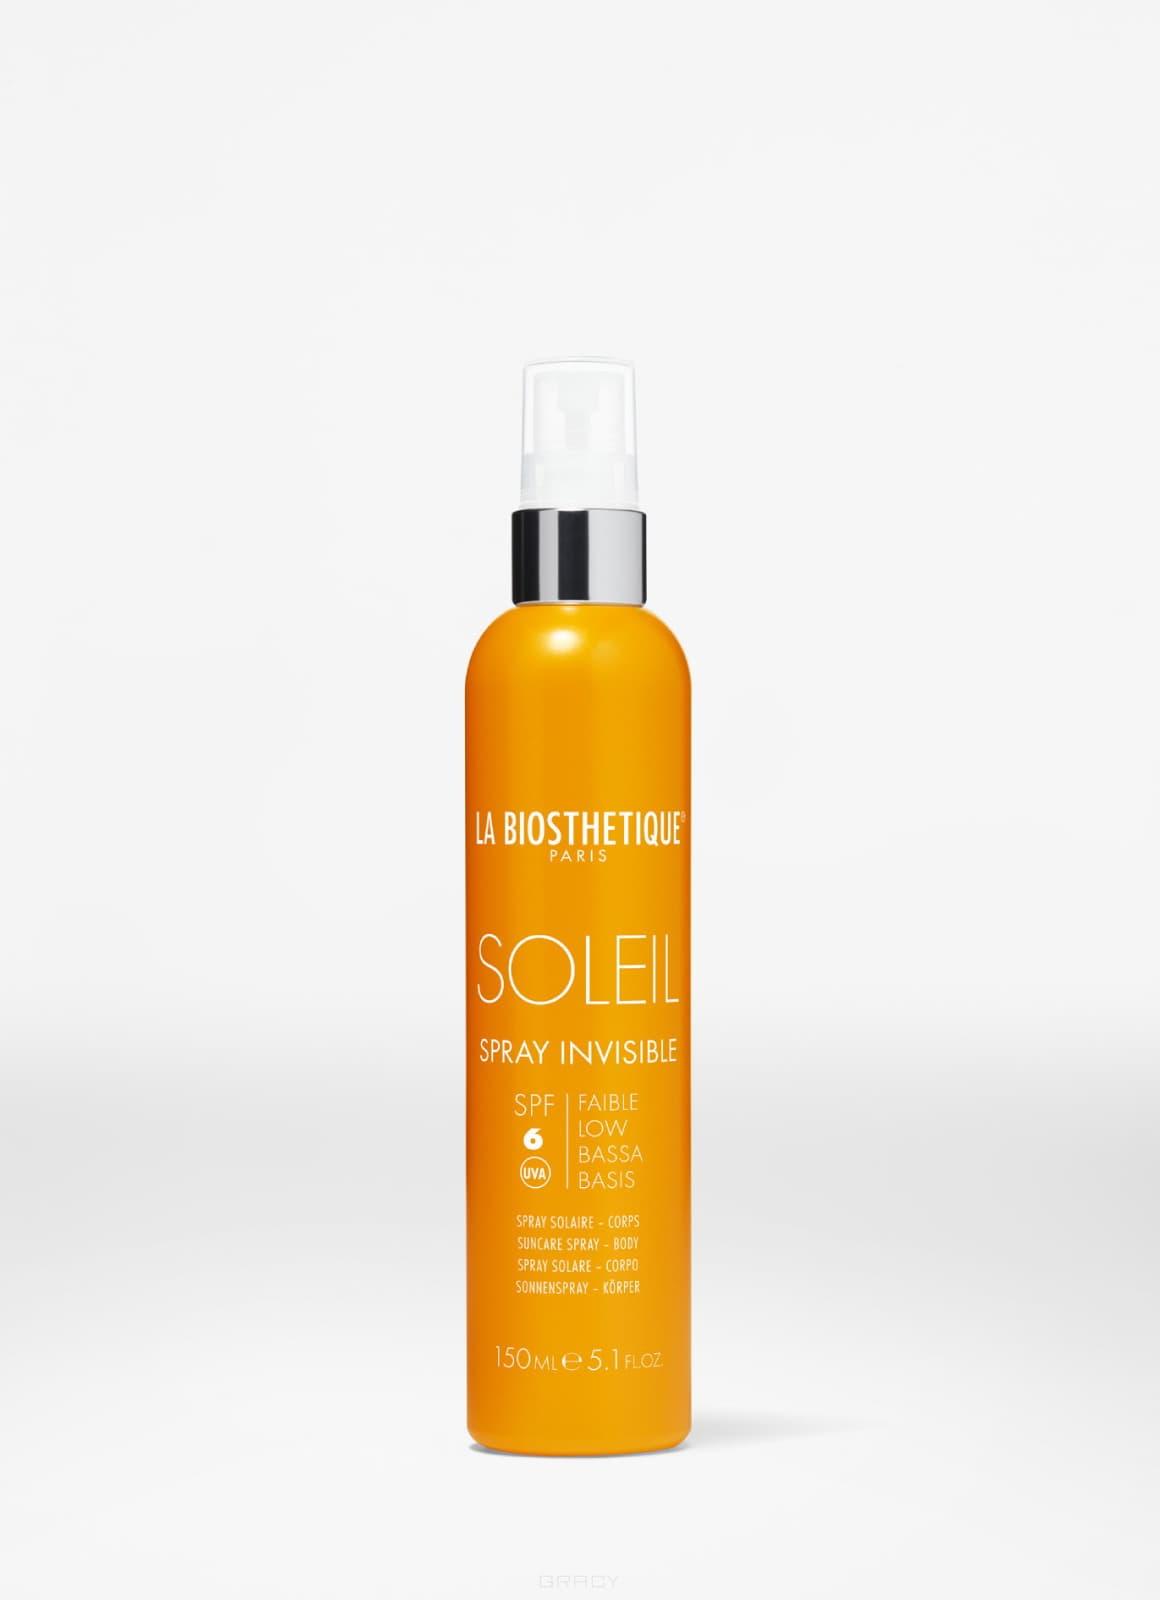 La Biosthetique Водостойкоий солнцезащитный спрей с SPF 6 для базовой защиты Methode Soleil Spray Invisible SPF 6 Corps, 150 мл